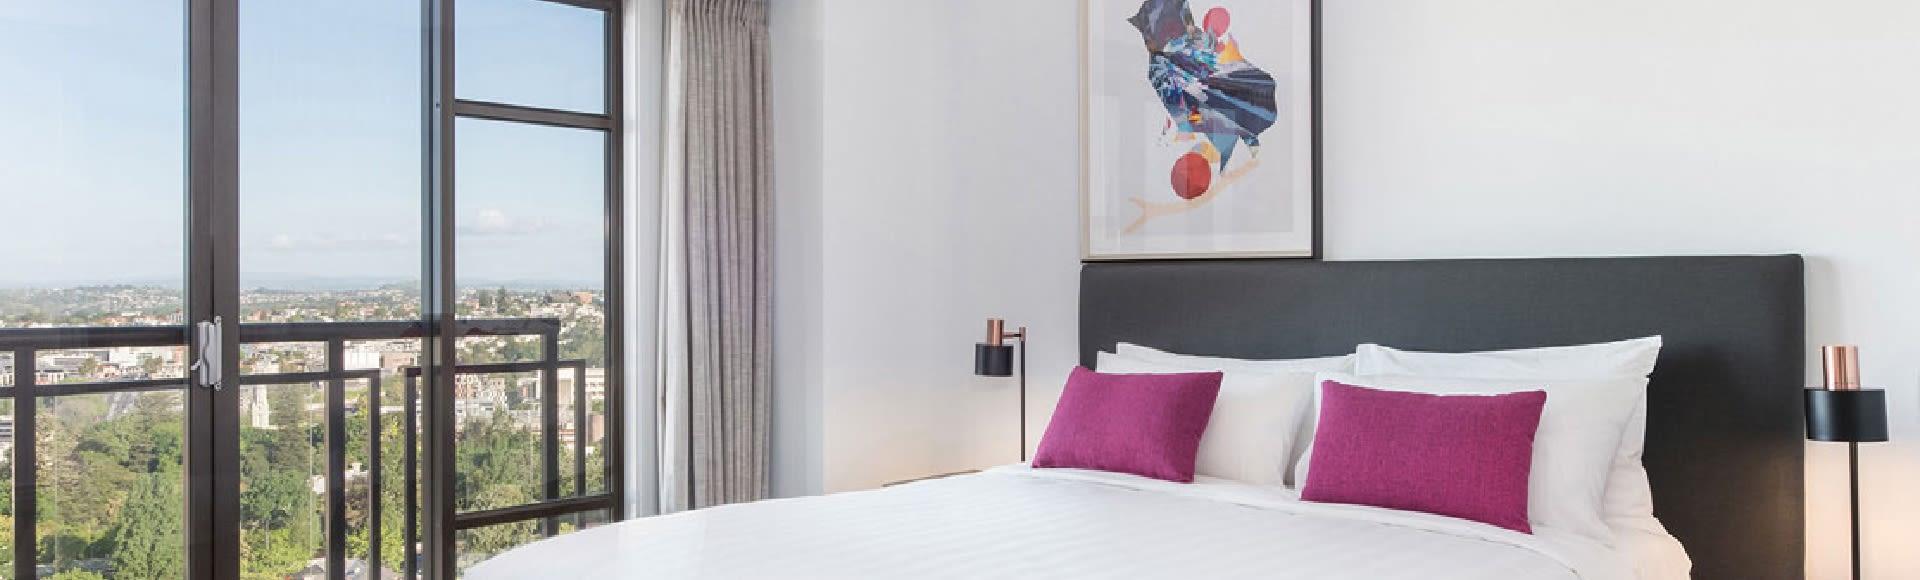 AVANI Metropolis 2 Bedroom Suite Bedroom with City Views